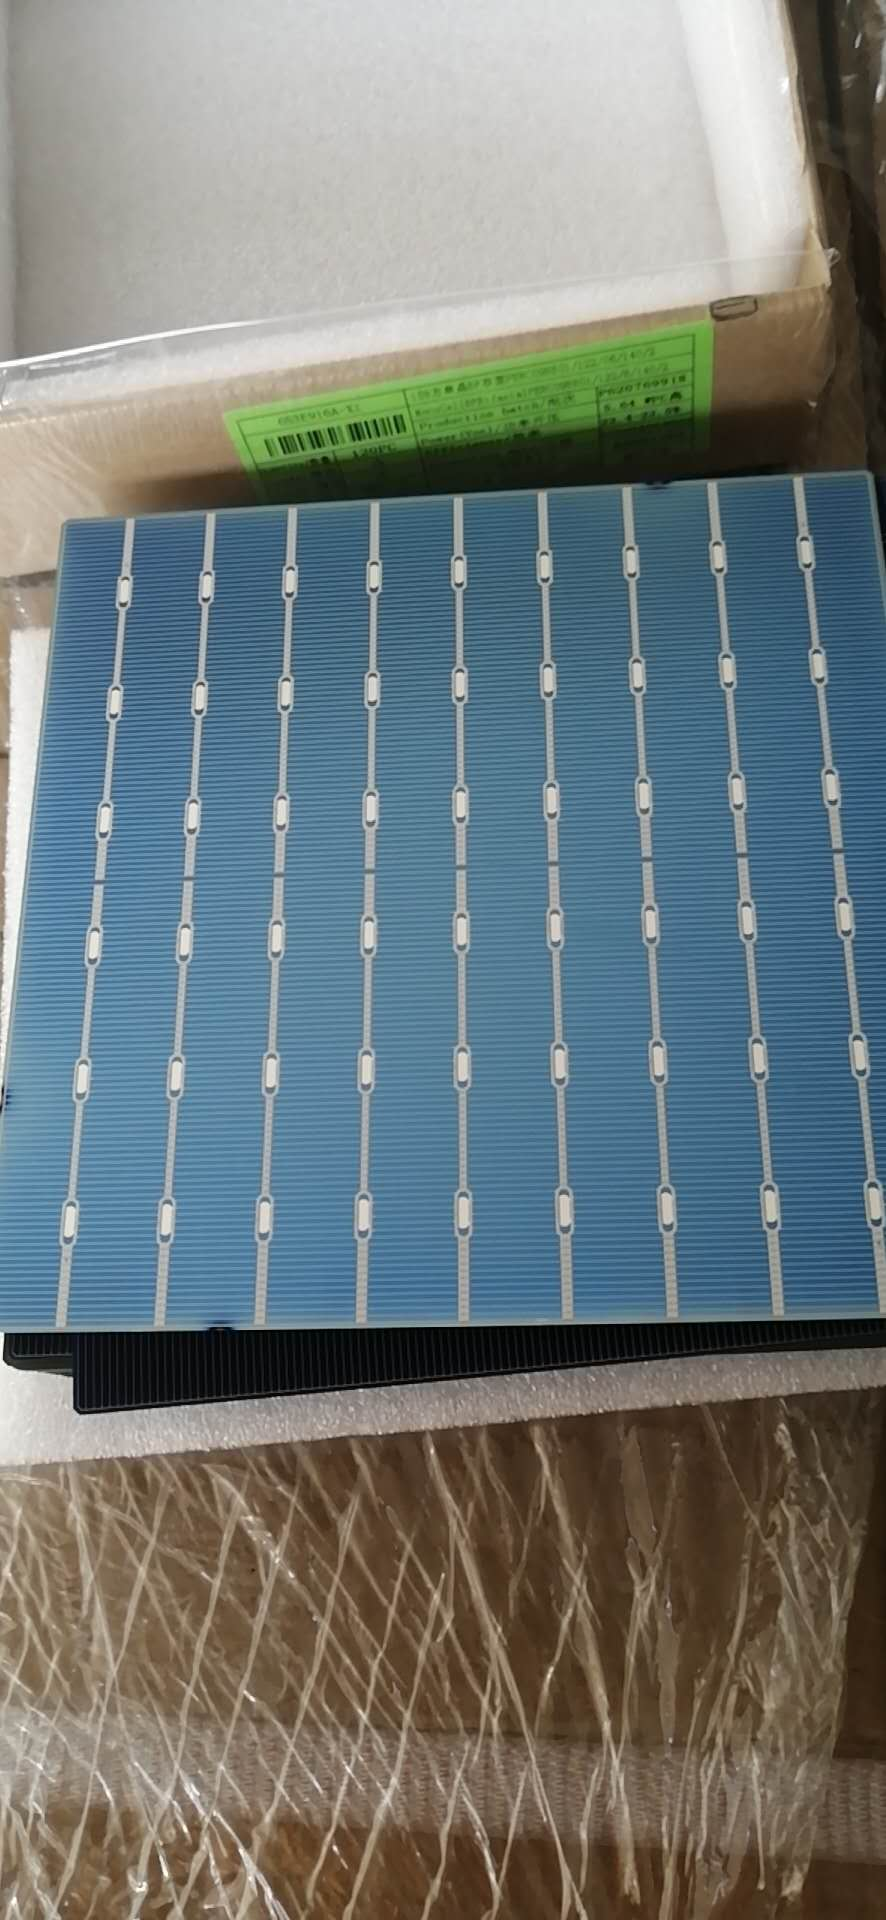 黄石黄石港单晶硅太阳能发电板回收联系电话